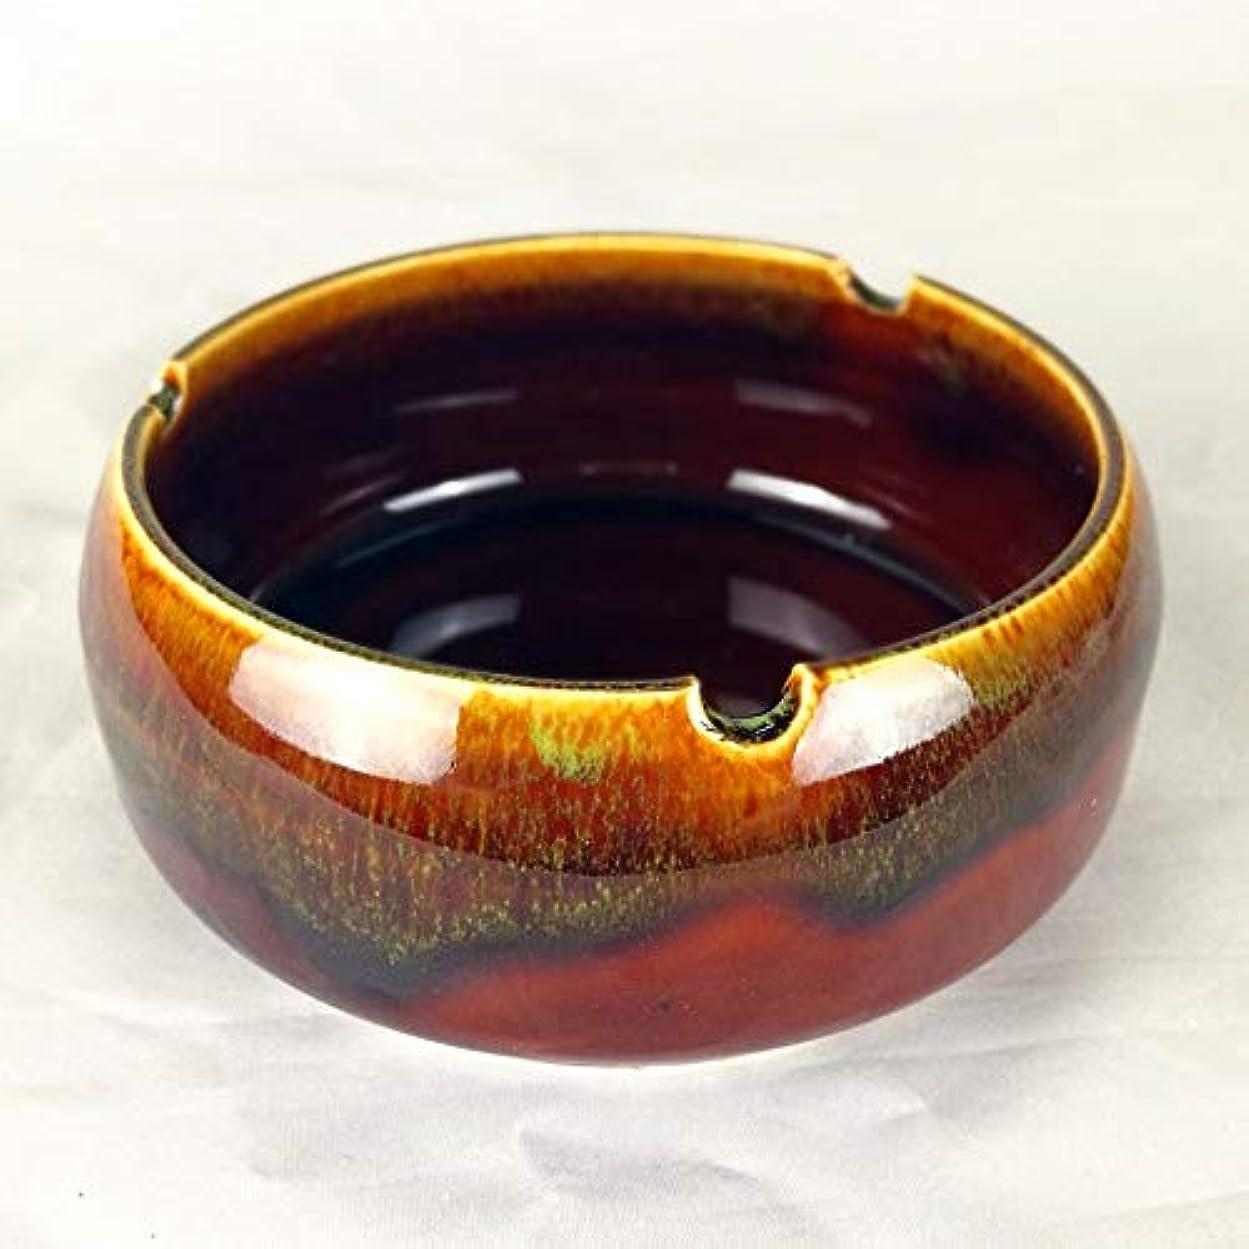 好奇心盛天使蜜カバー家の装飾、から選ぶべき4色のタバコの創造的な灰皿のための灰皿 (色 : 褐色)